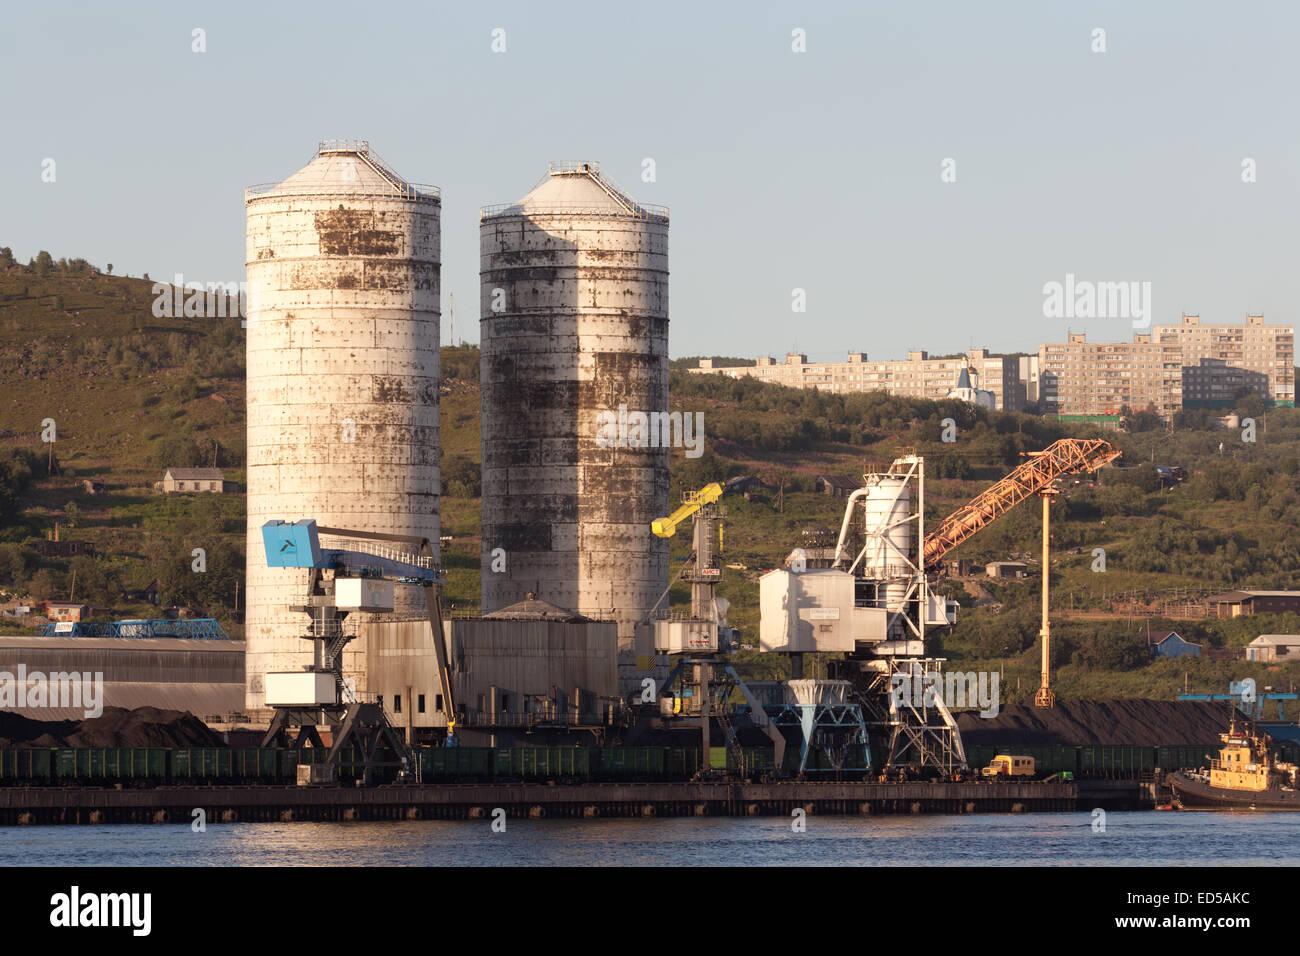 Coal berth in Murmansk - Stock Image